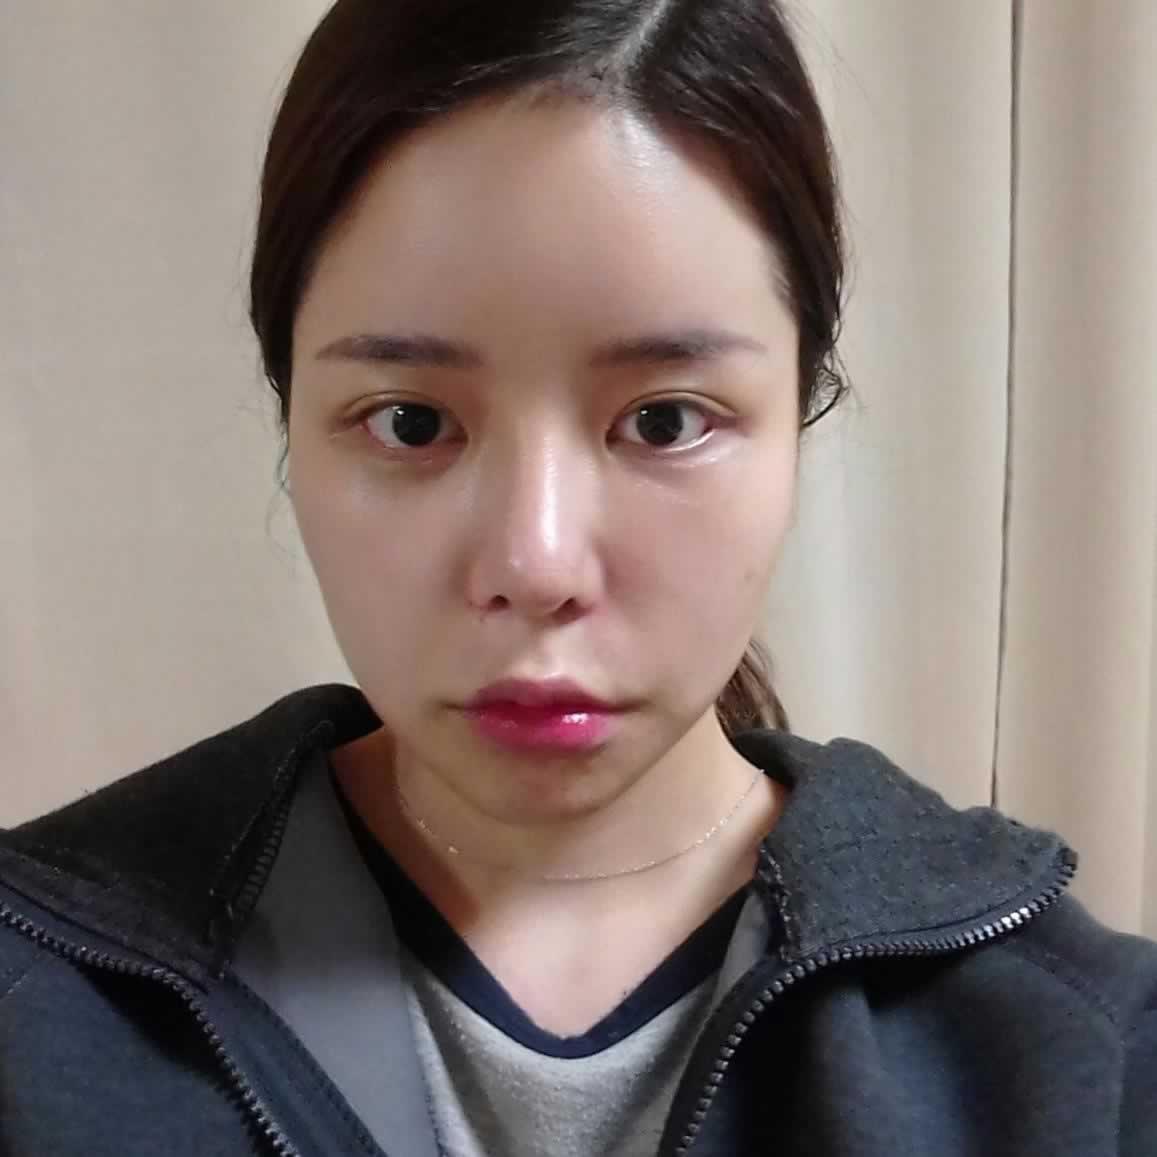 去韩国做颧骨内推这个手术还是可以的,我做的颧骨内推整个脸型都变的好看了